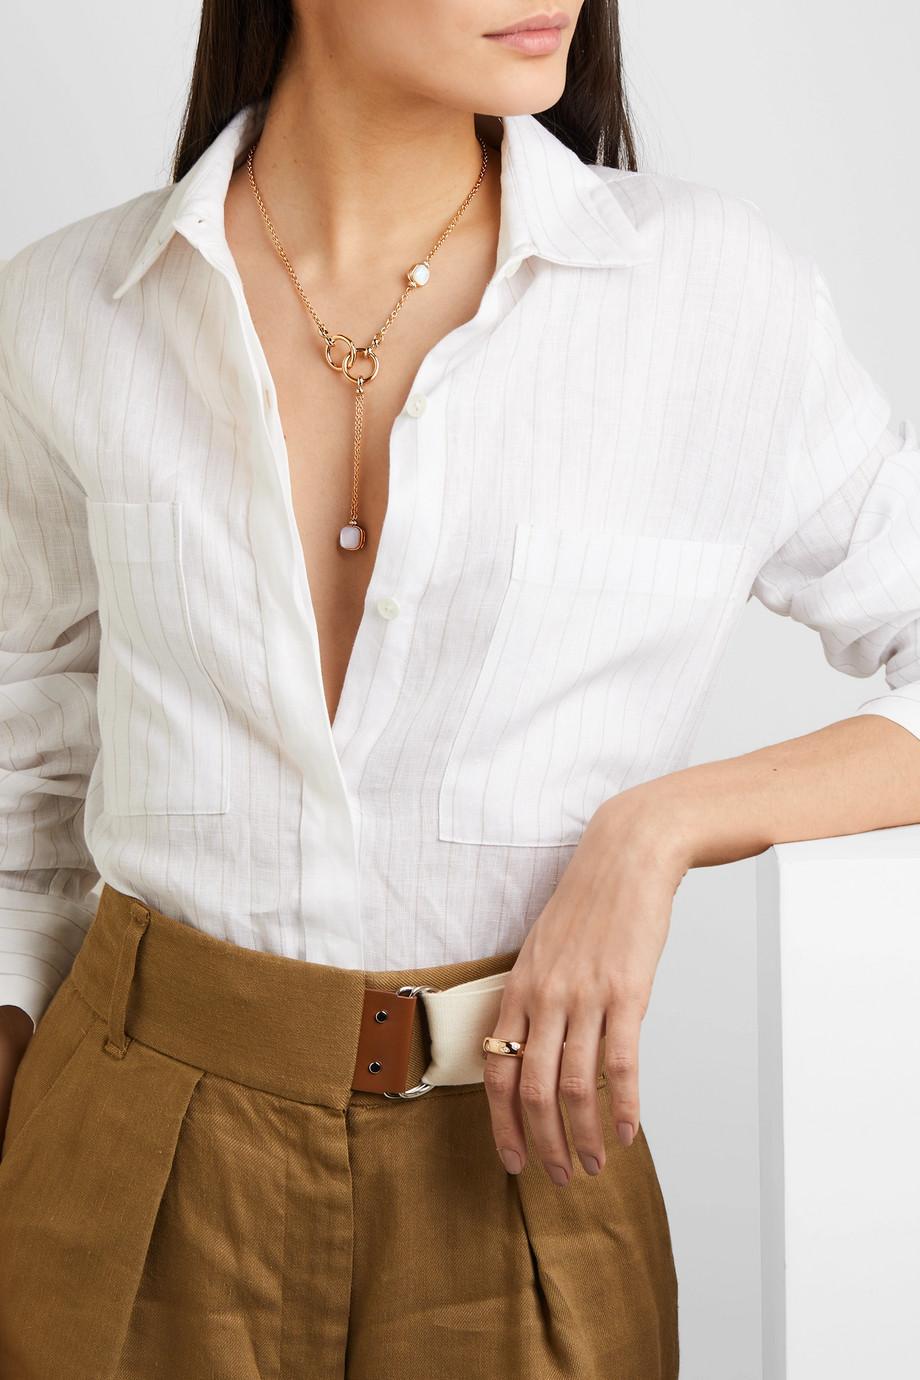 Pomellato 18-karat rose and white gold multi-stone necklace